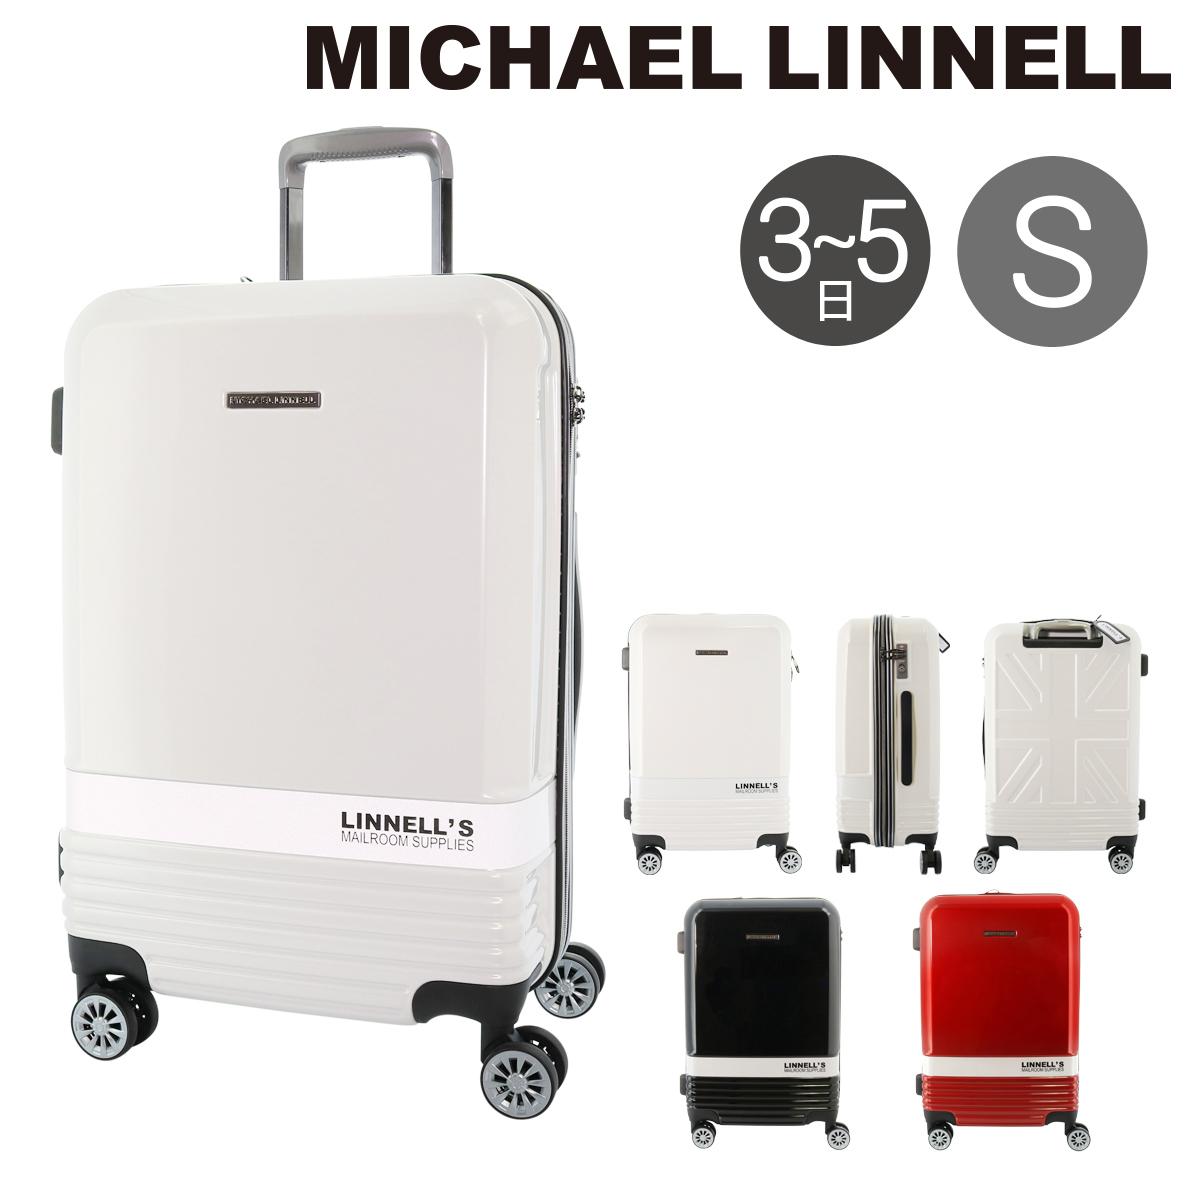 マイケルリンネル スーツケース | 44L 55cm 3.2kg 360-5011 | ハード ファスナー | リフレクター メンズ MICHAEL LINNELL | TSAロック搭載 キャリーバッグ キャリーケース [PO10][bef]